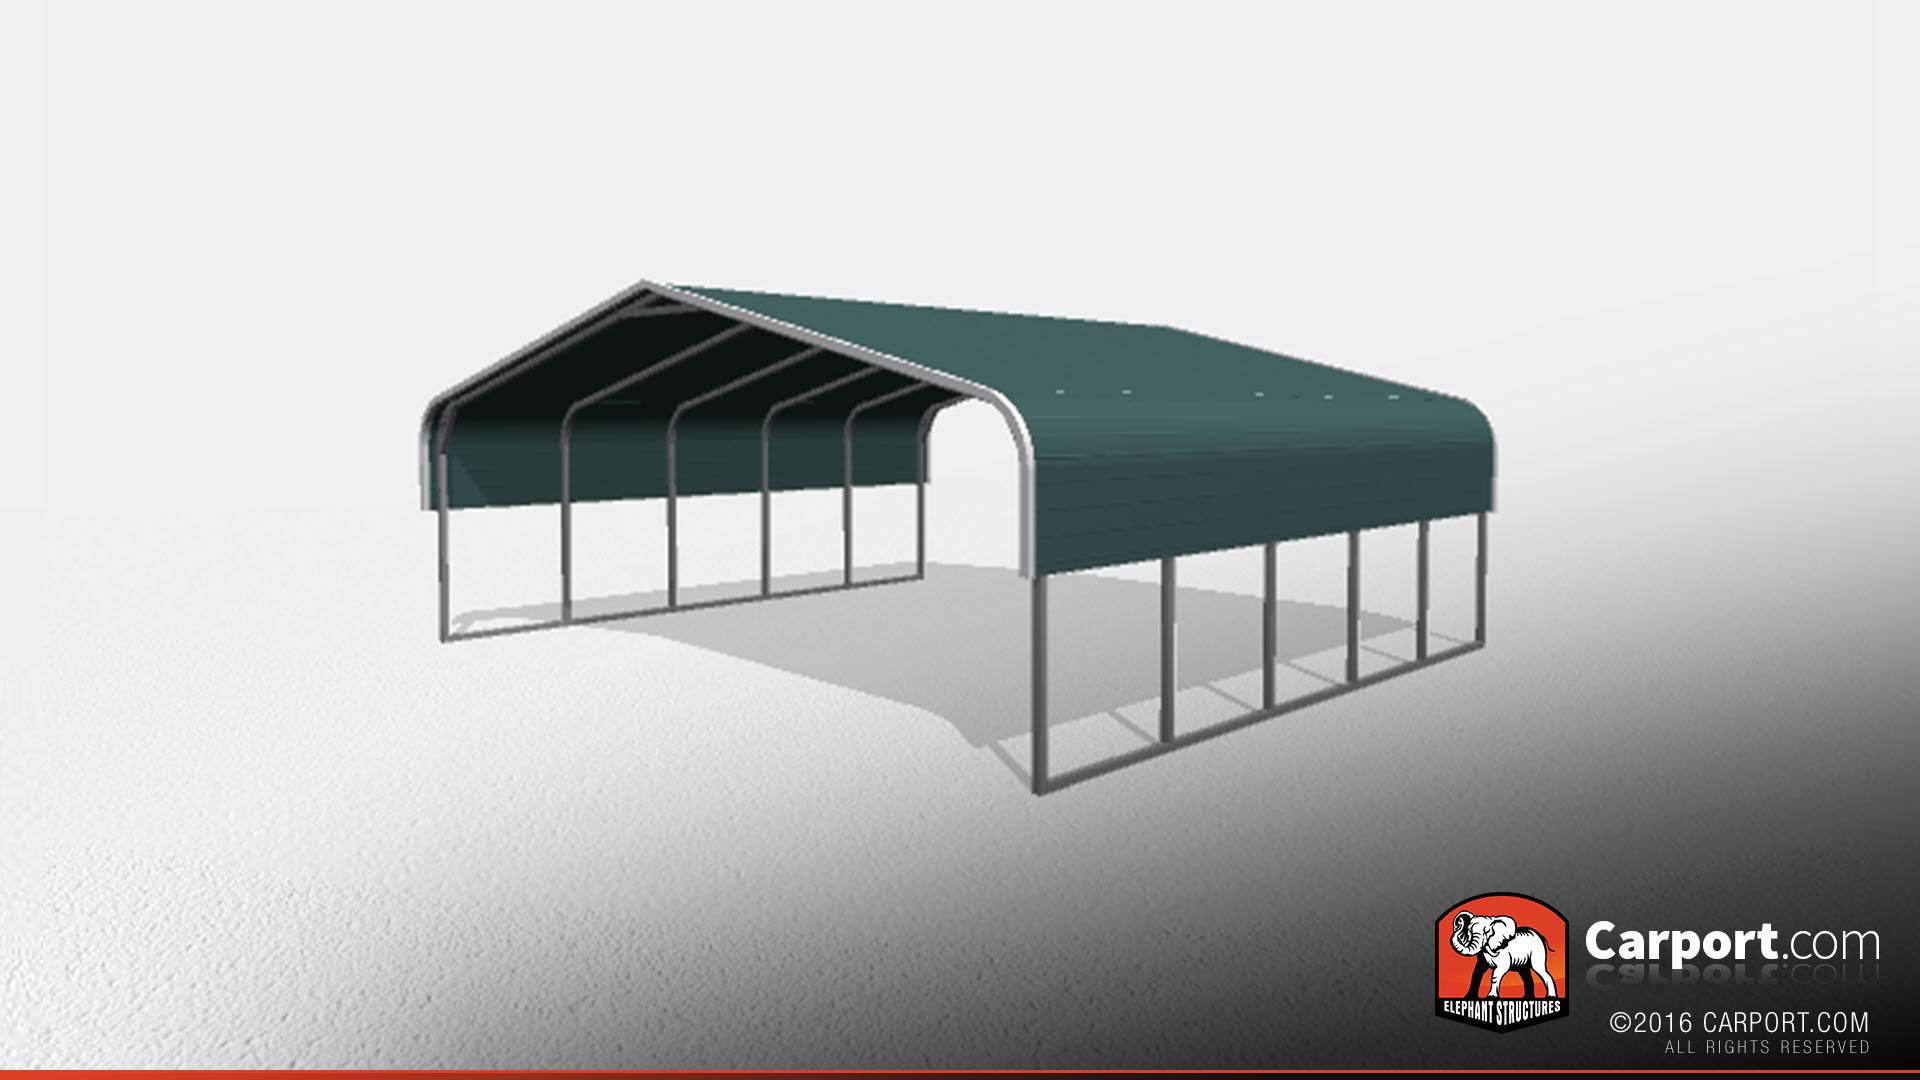 Two Car Metal Carport 24' x 21' x 7'   Shop Carports Online!